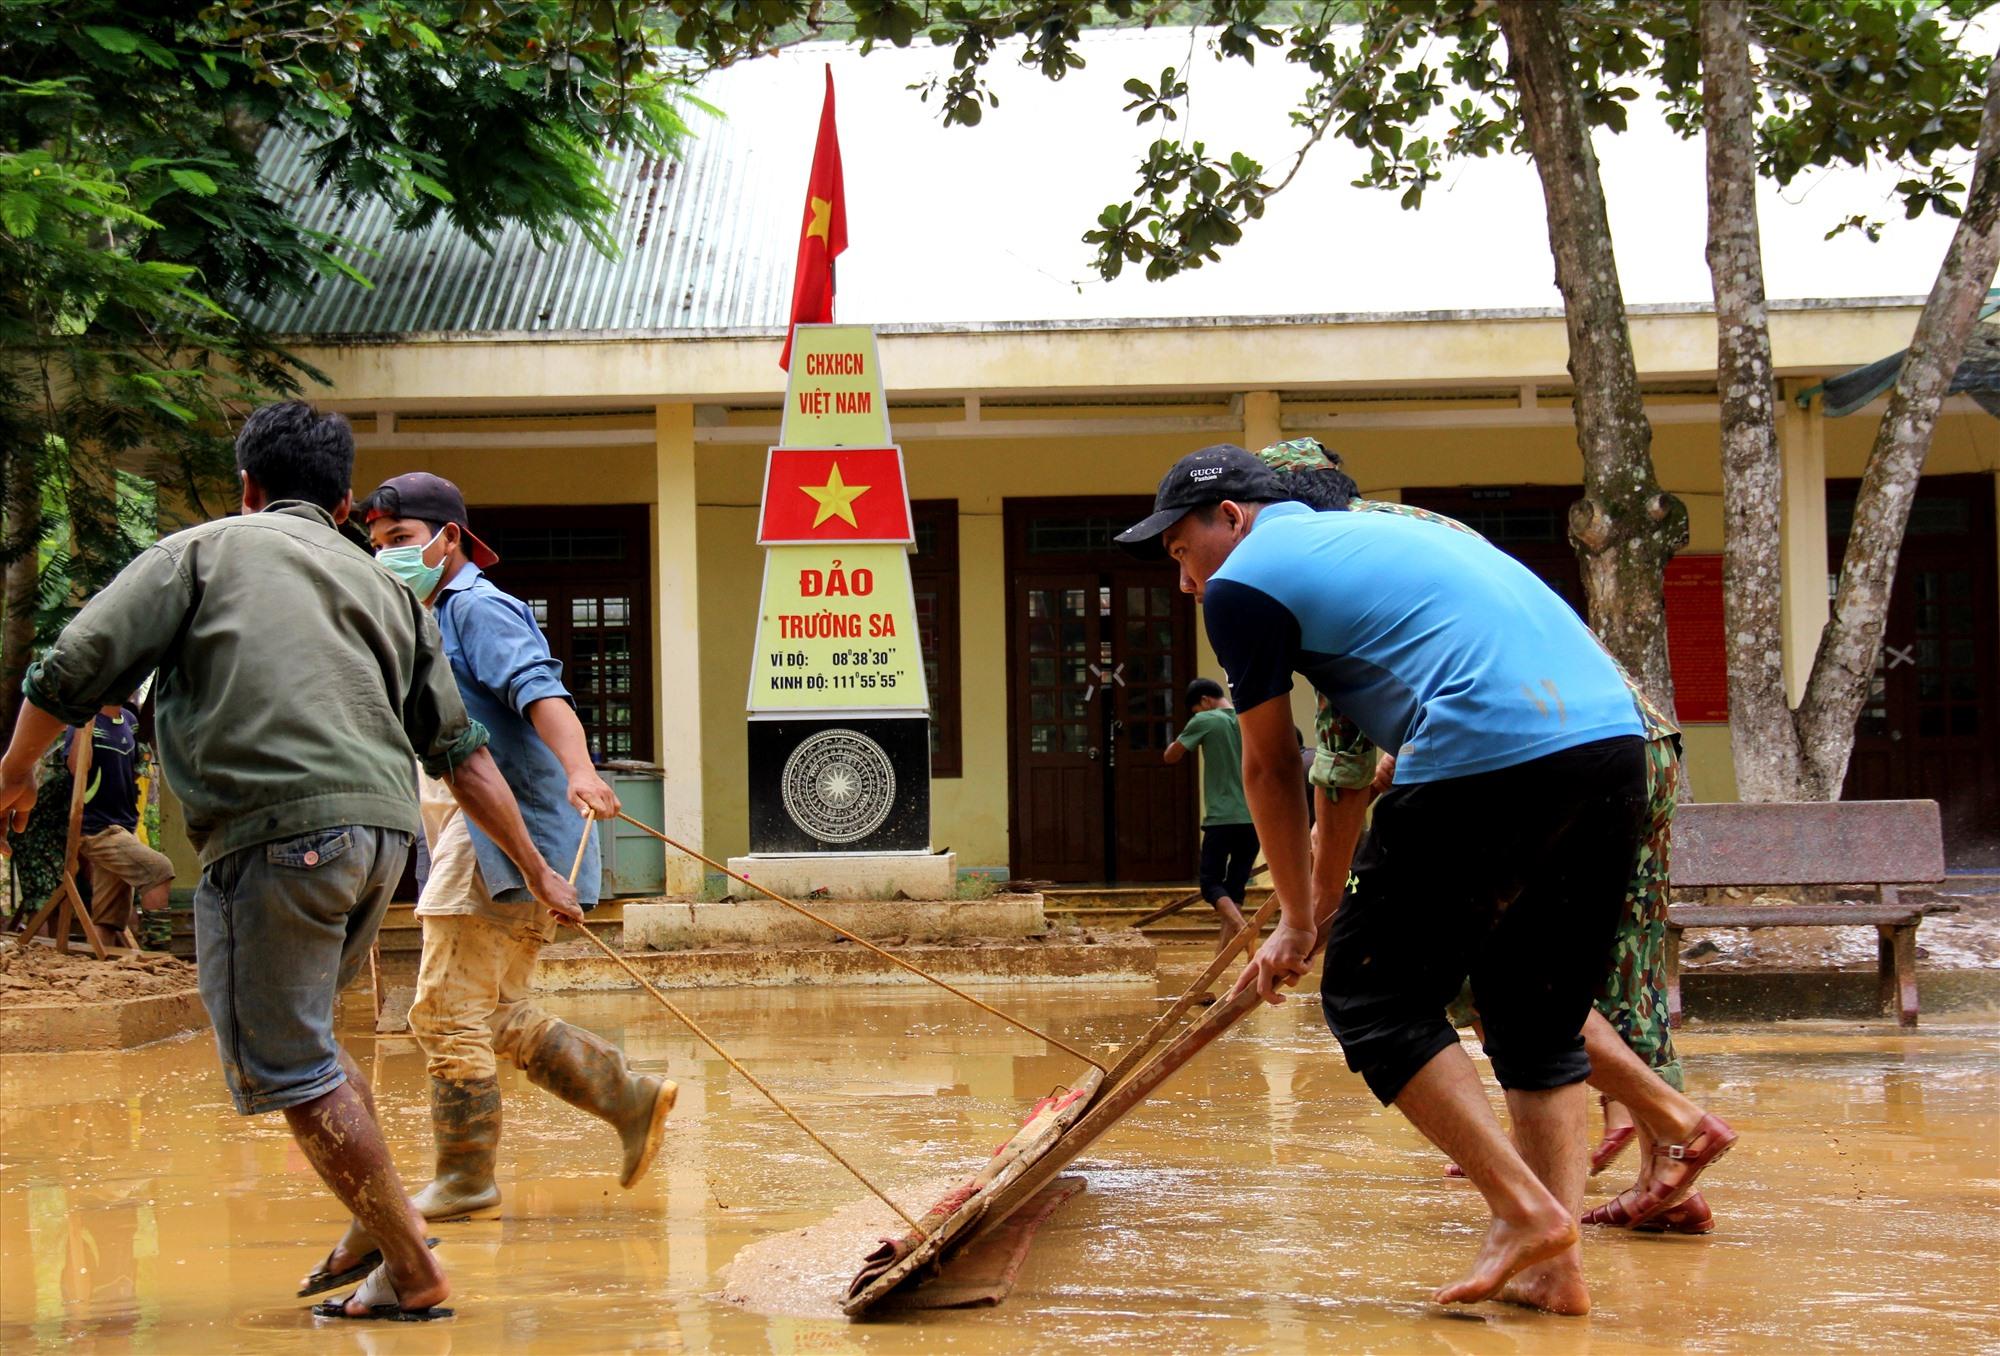 Ngoài công an, biên phòng, lực lượng tham gia khắc phục mưa lũ còn có các nhóm thanh niên địa phương. Ảnh: A.N